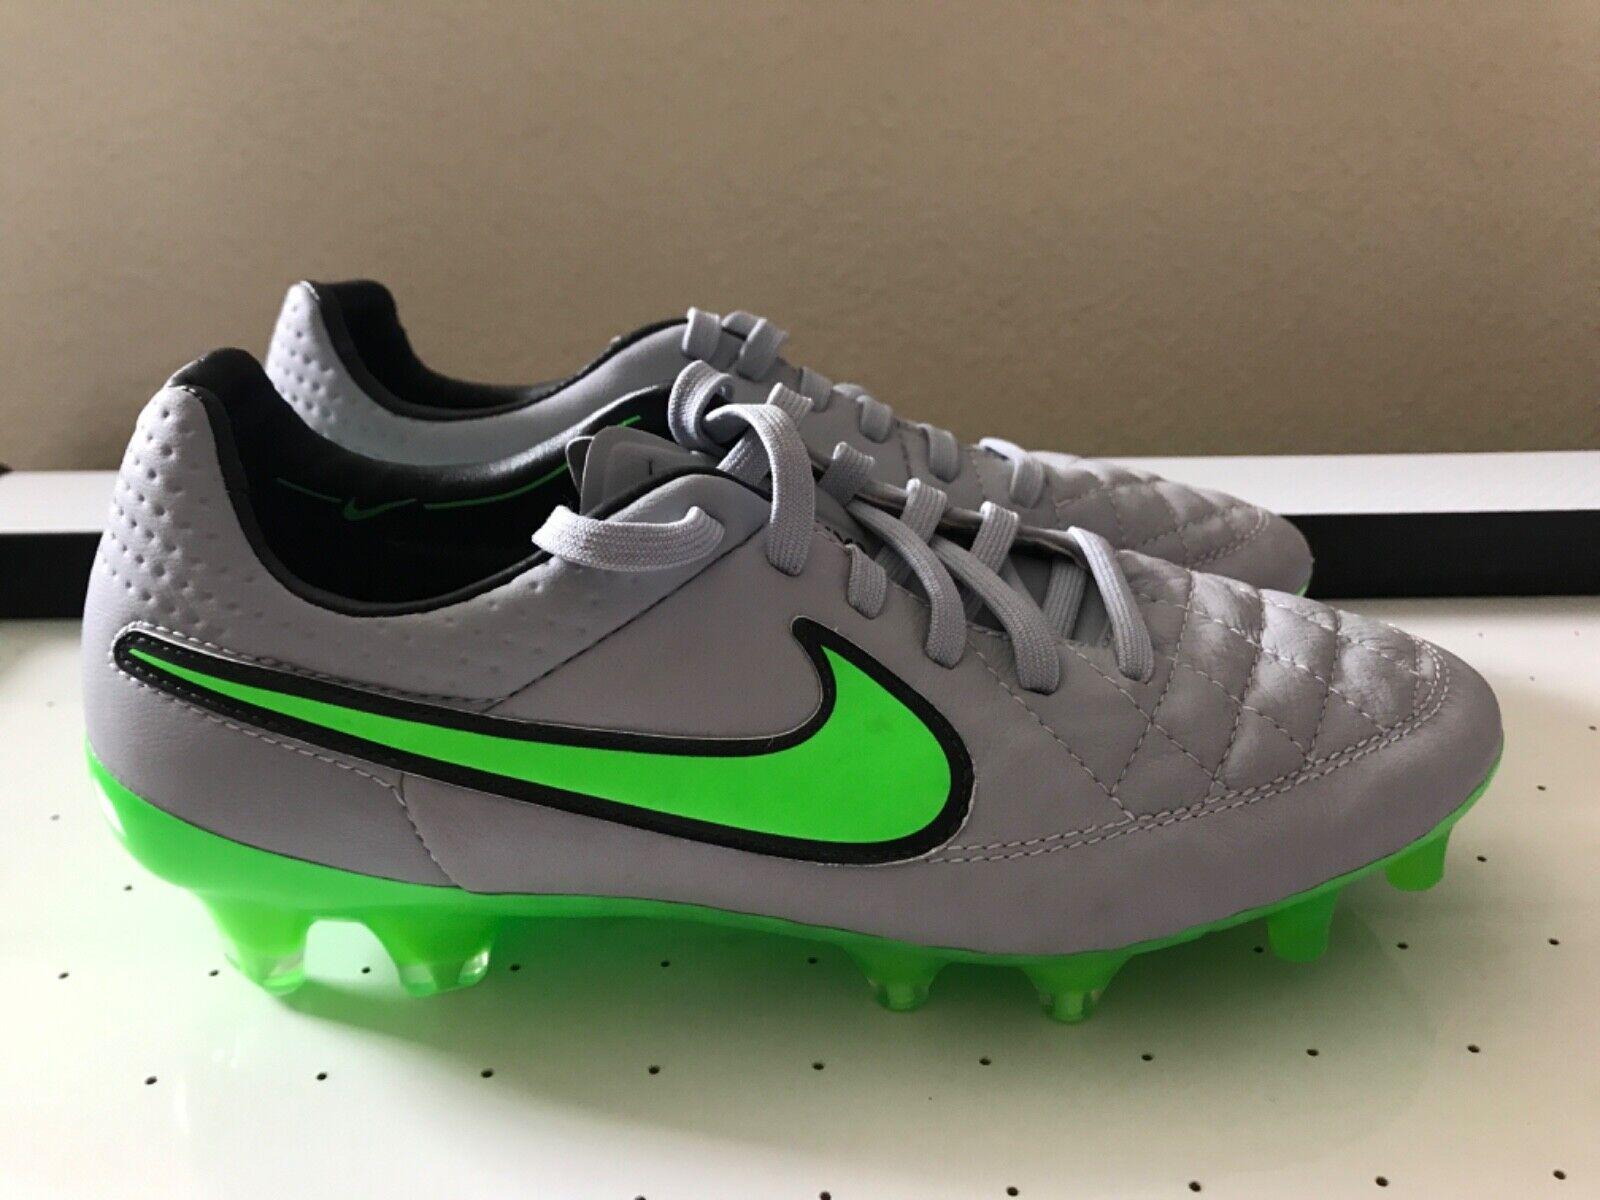 compresión sin sufrimiento  Nike Tiempo Legend V FG ACC Soccer Cleats Wolf Grey/green 631518-030 Men Sz  5.5 for sale online   eBay